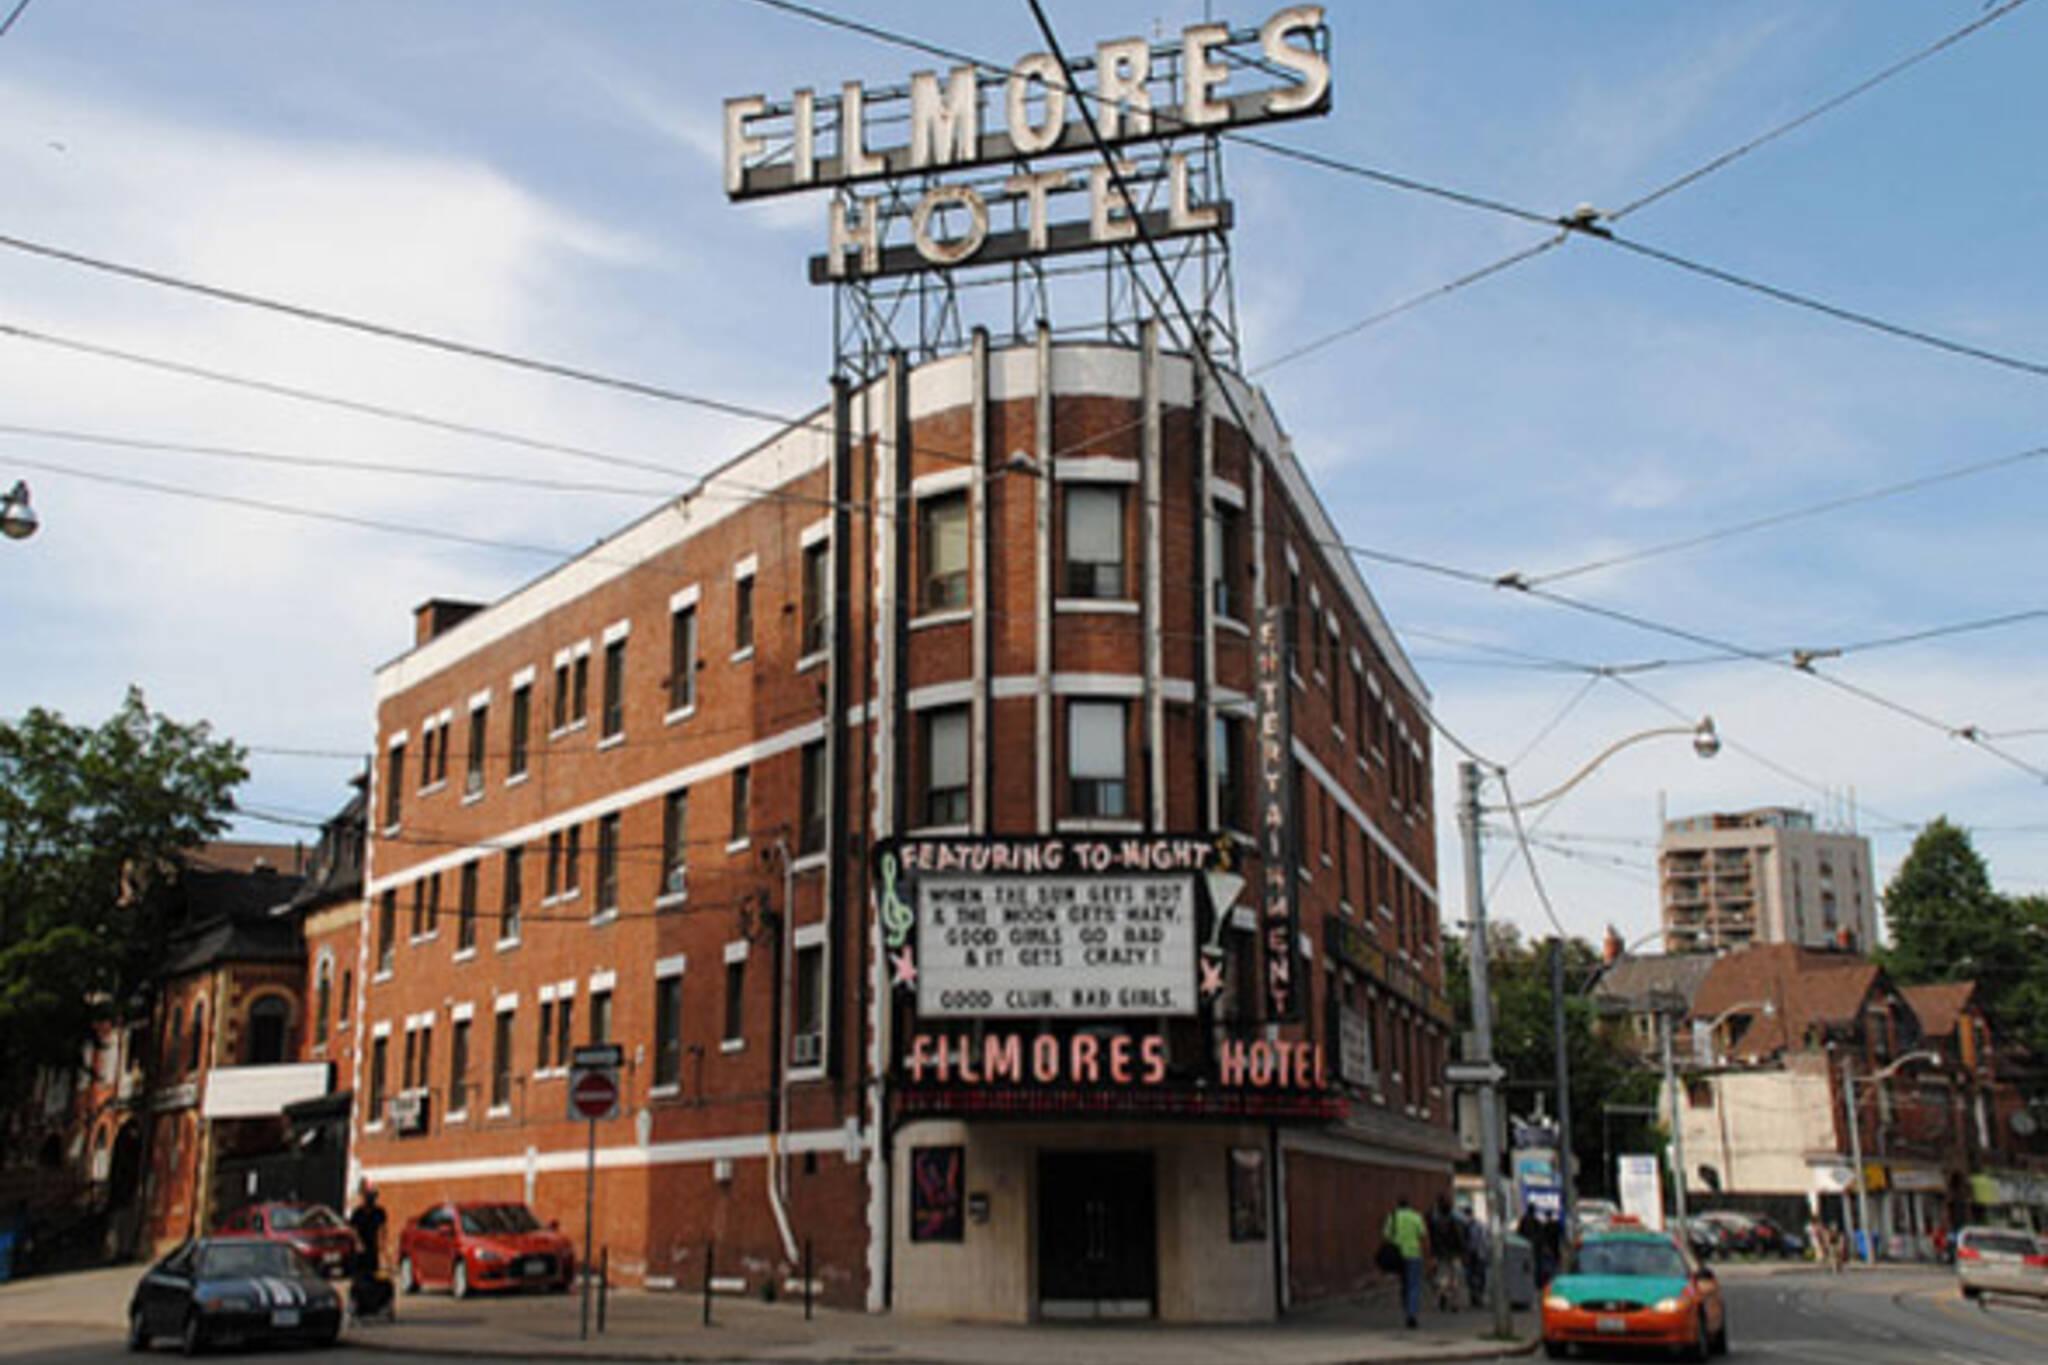 Filmores Toronto